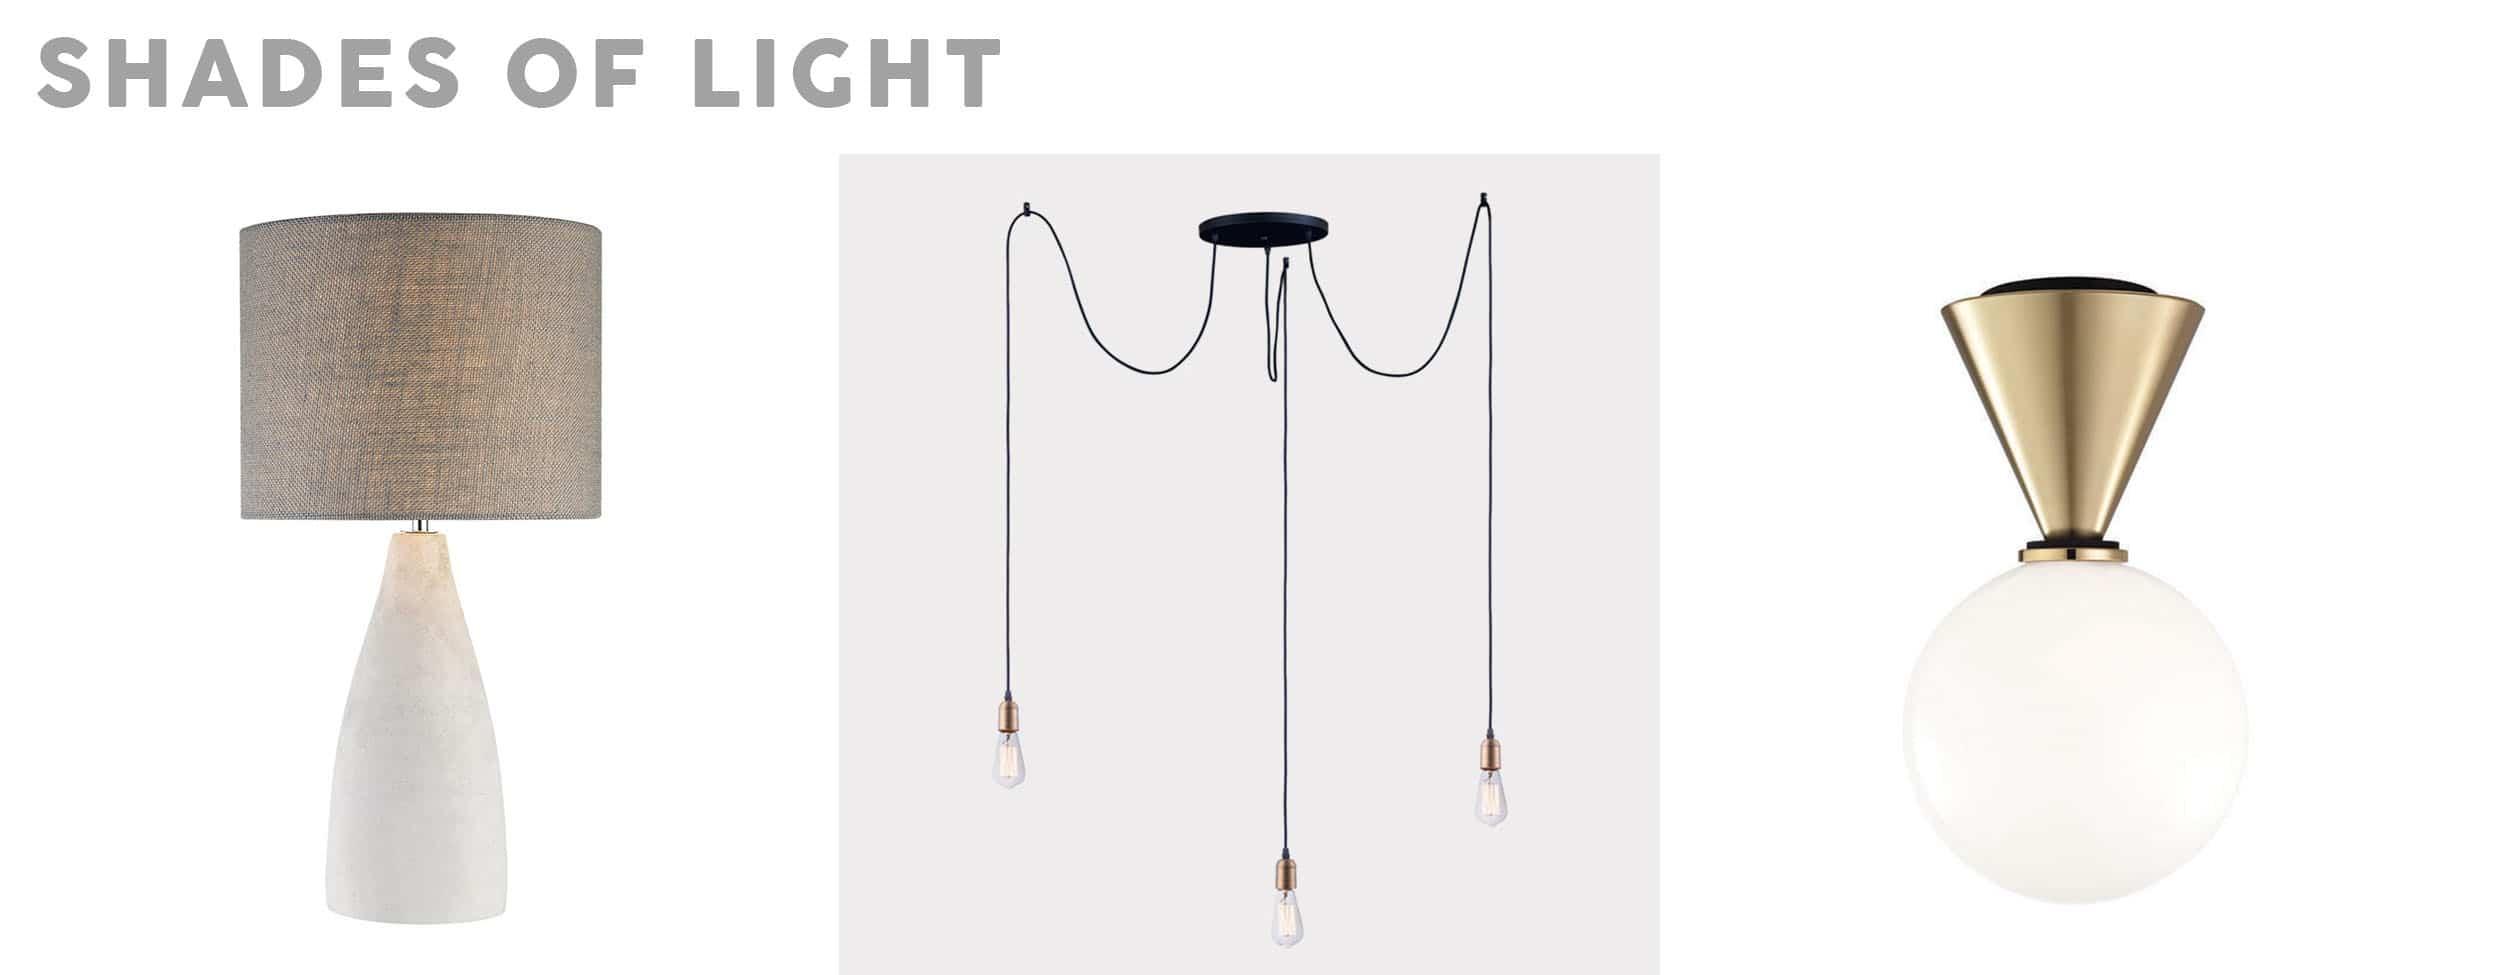 Emily Henderson affordable living room lighting_16